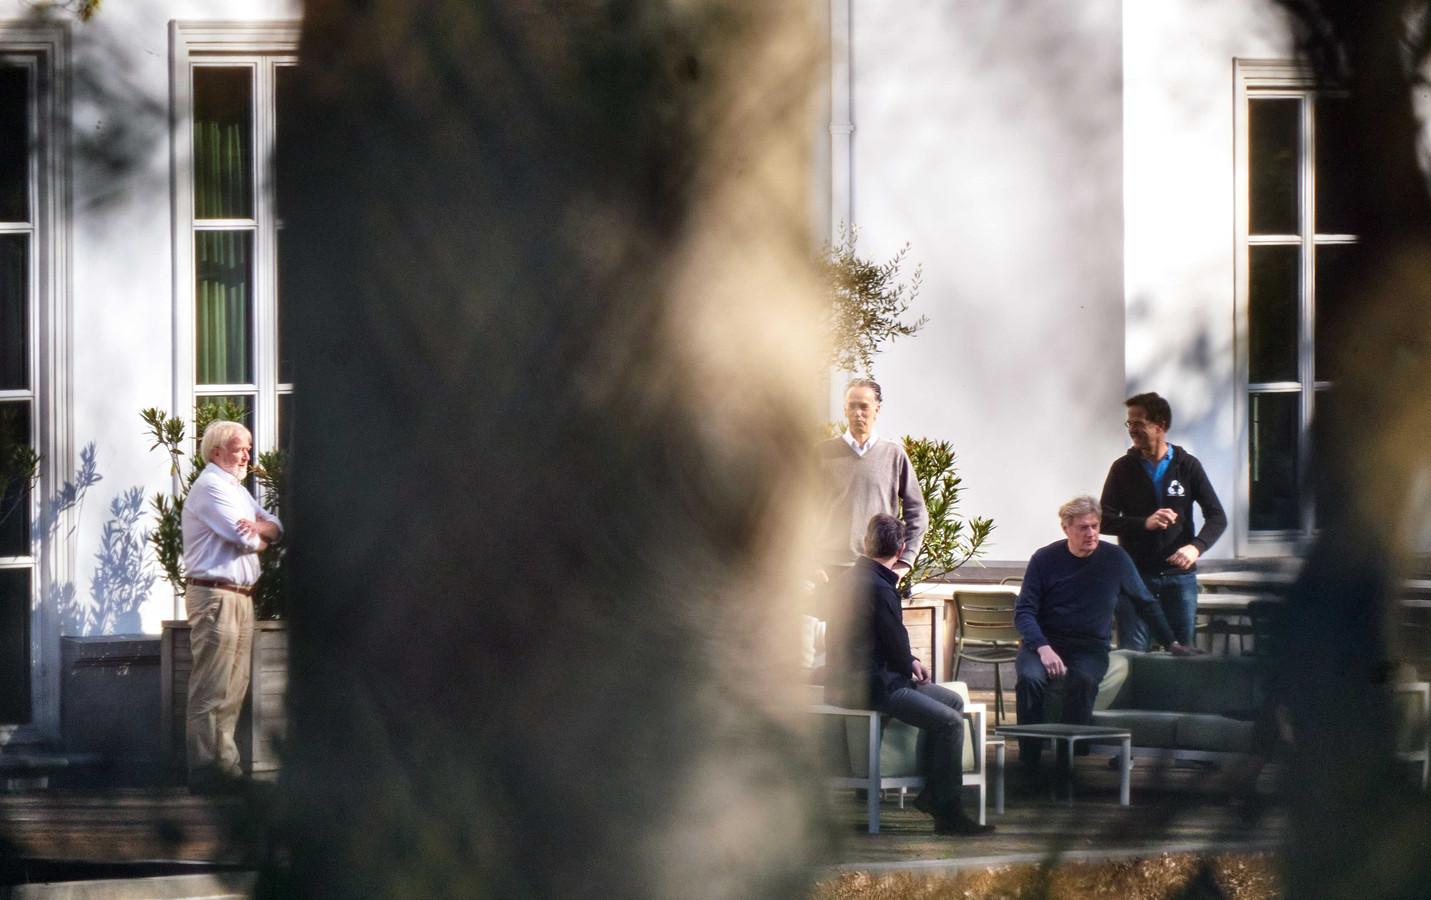 Jaap van Dissel, directeur van het Centrum Infectieziektebestrijding van het RIVM, minister Martin van Rijn voor Medische Zorg en premier Mark Rutte zijn in de tuin van het Catshuis voor overleg over de coronaciris.